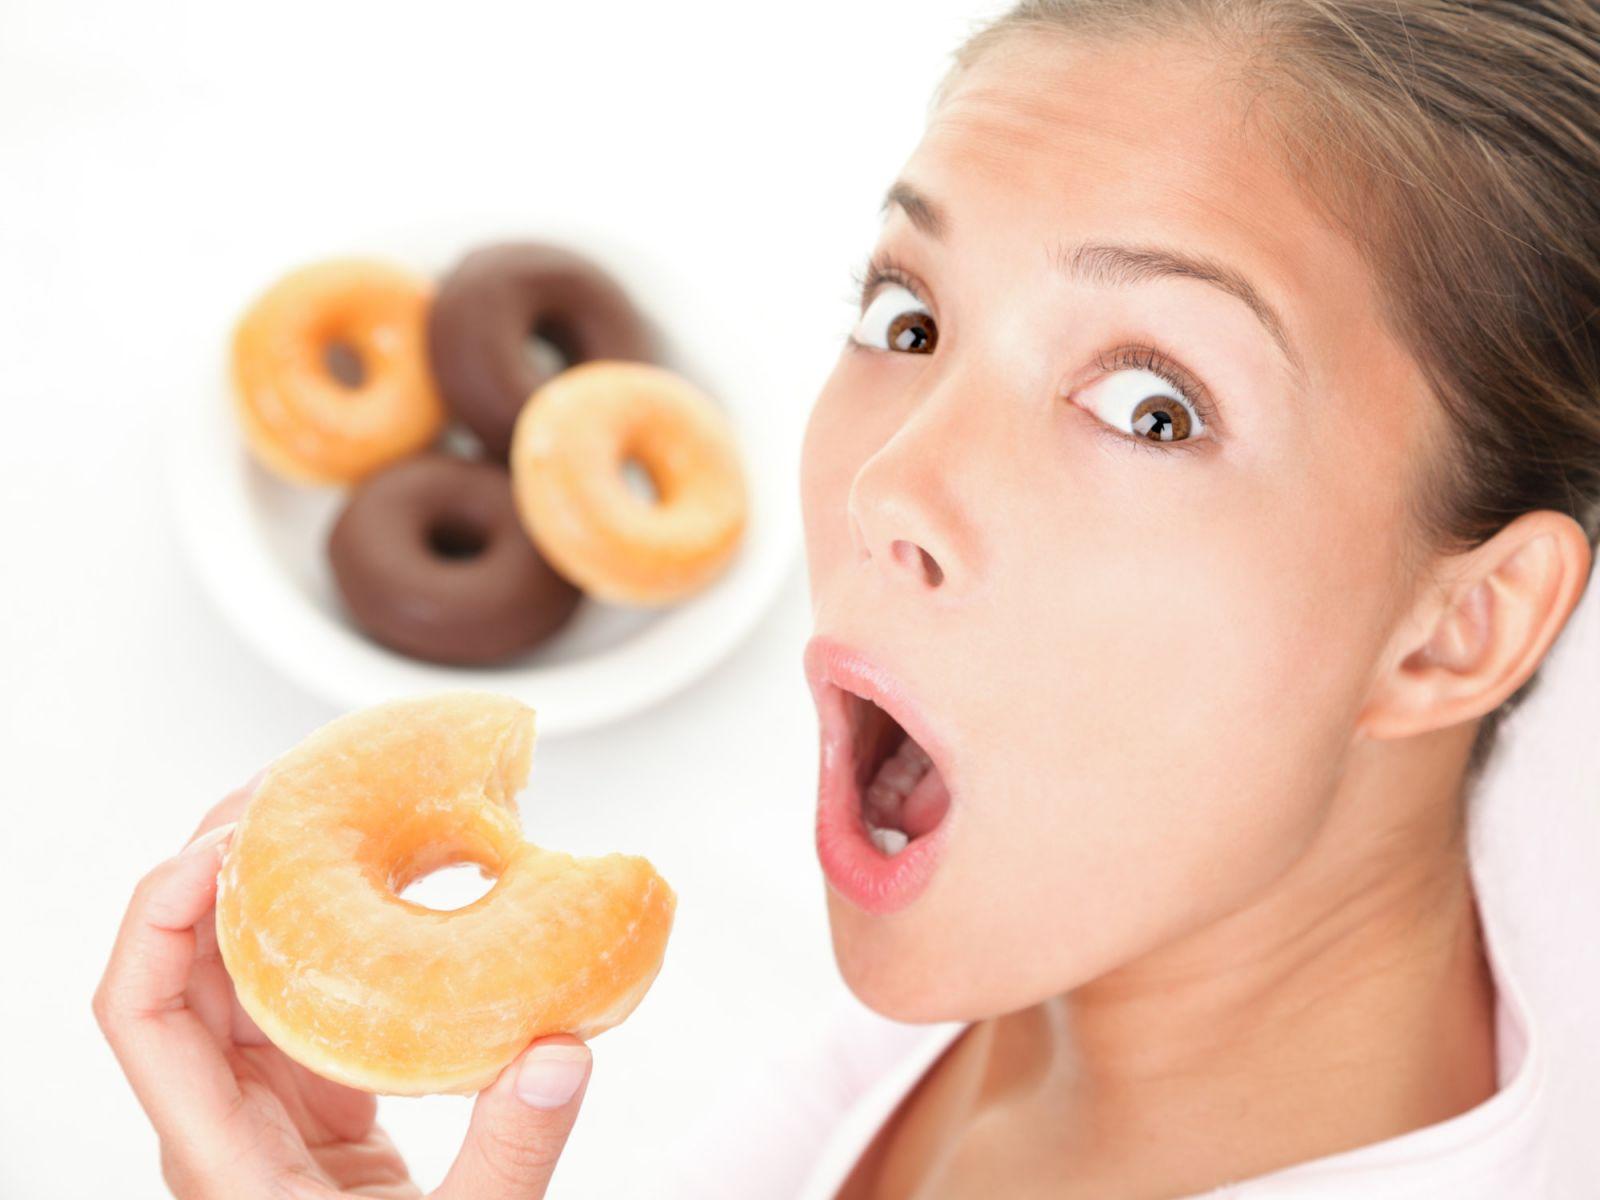 Ăn ngay khi ngủ dậy là một trong những sai lầm khi ăn sáng nguy hiểm